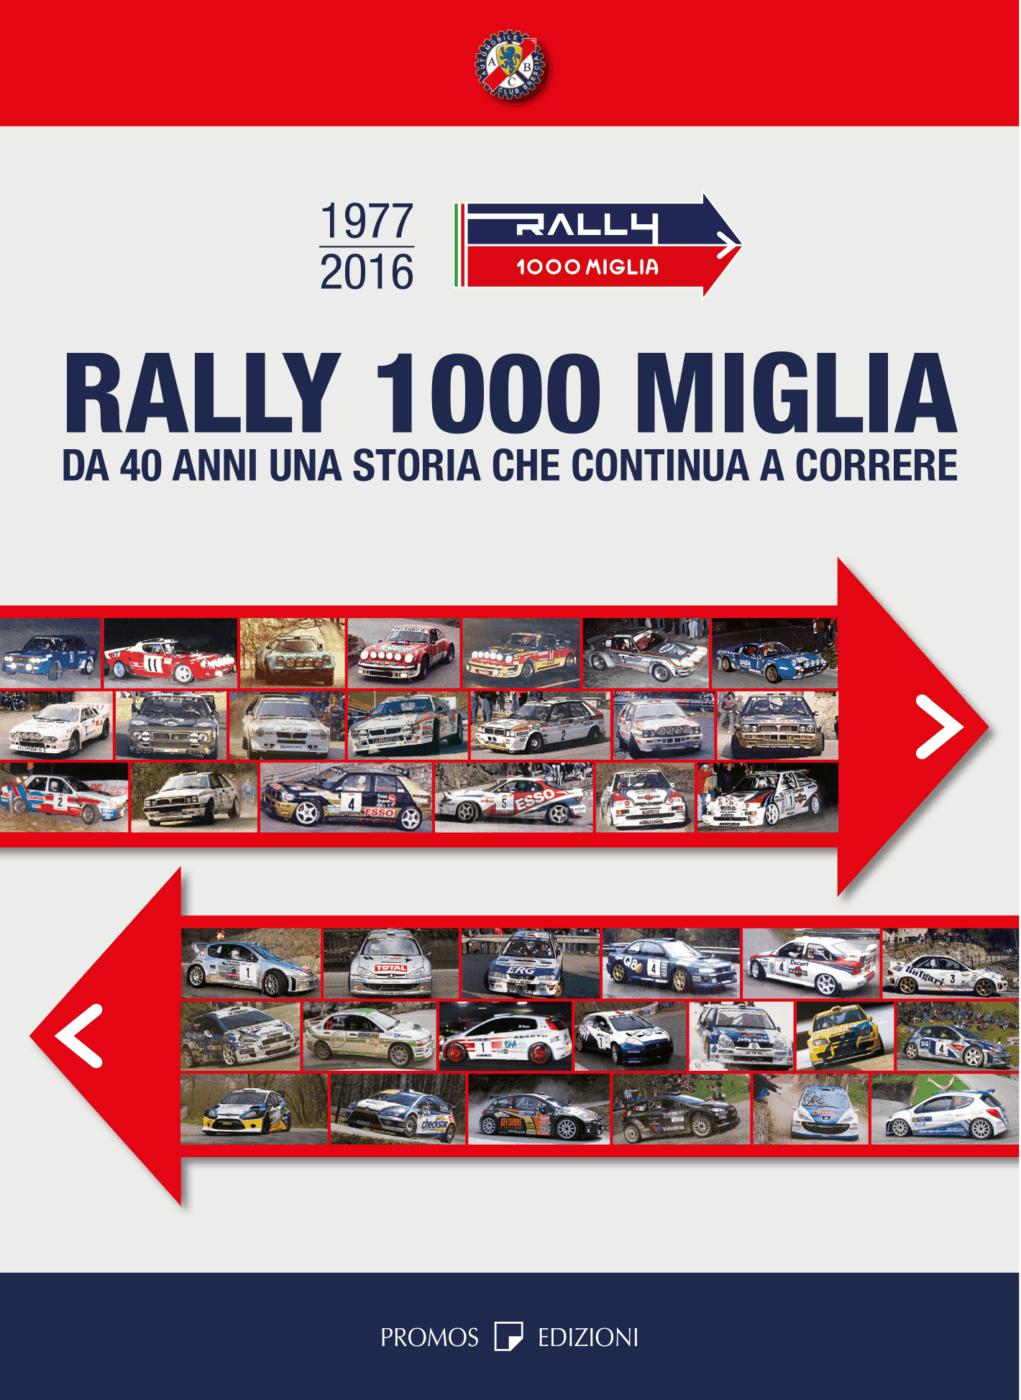 La copertina del libro dedicato al Rally 1000 Miglia